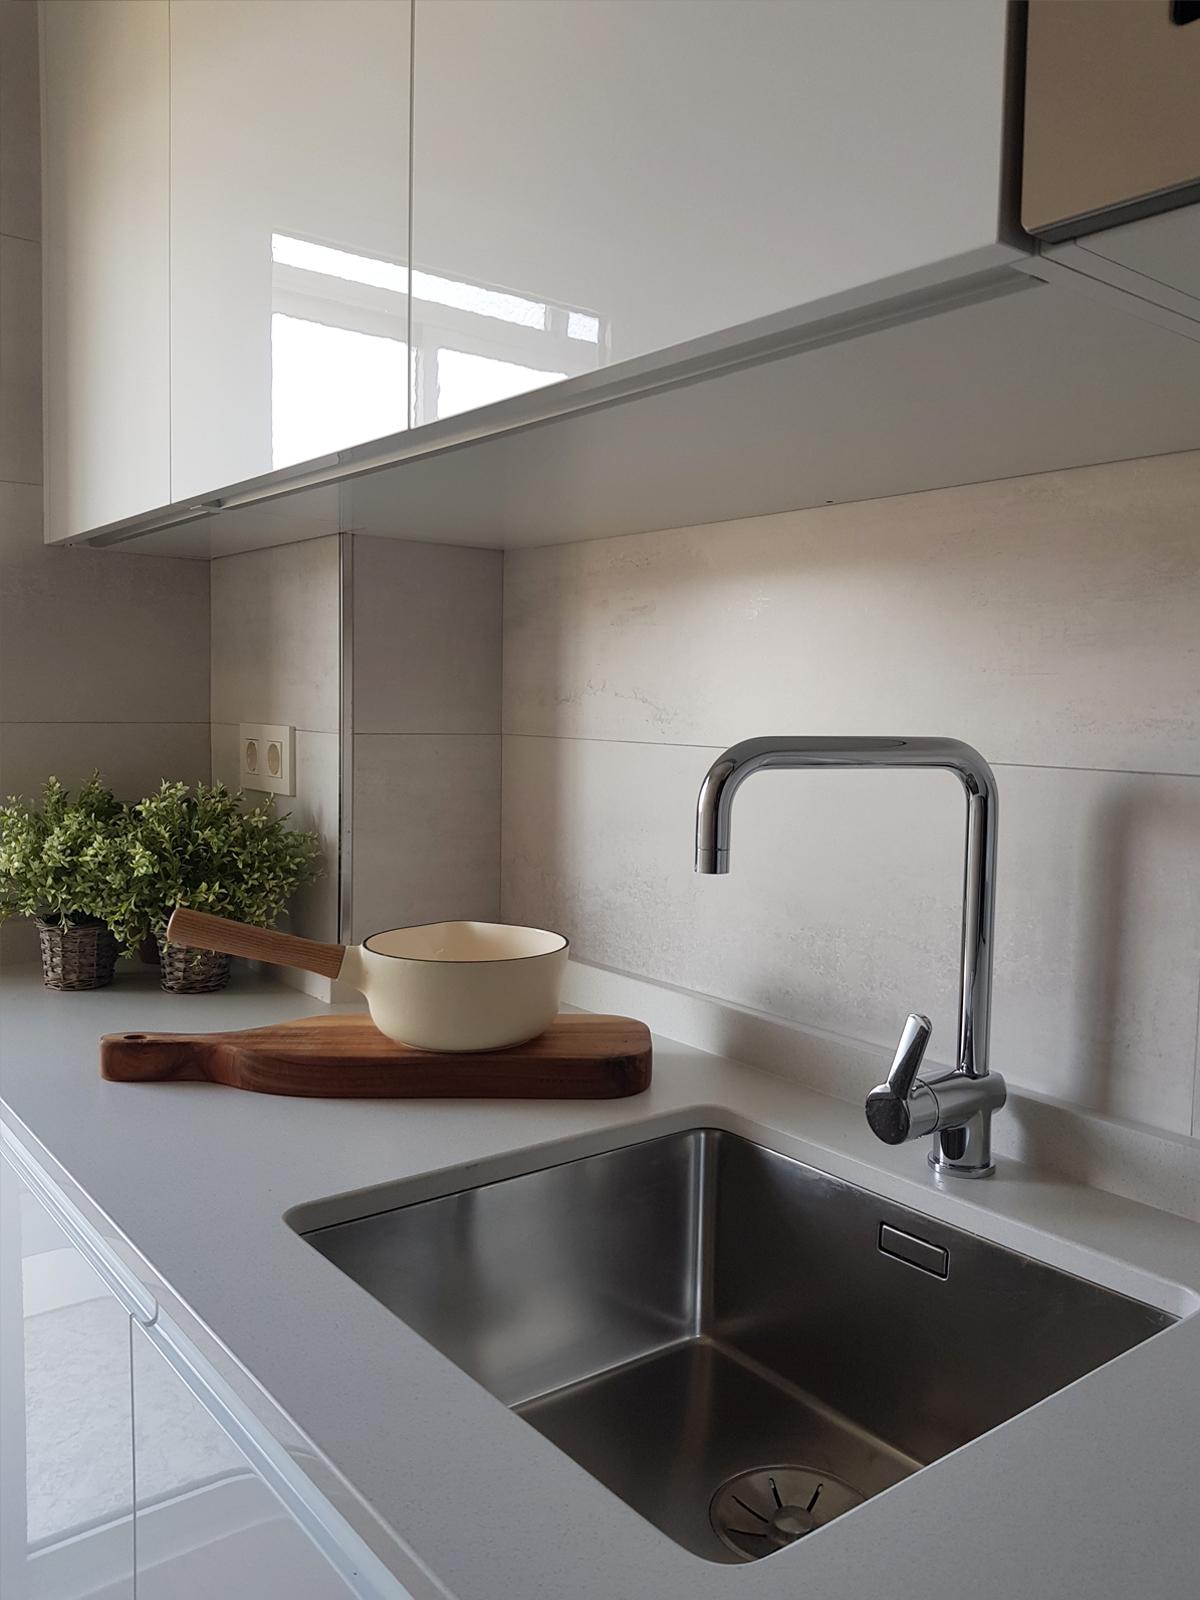 detalle encimera cocina